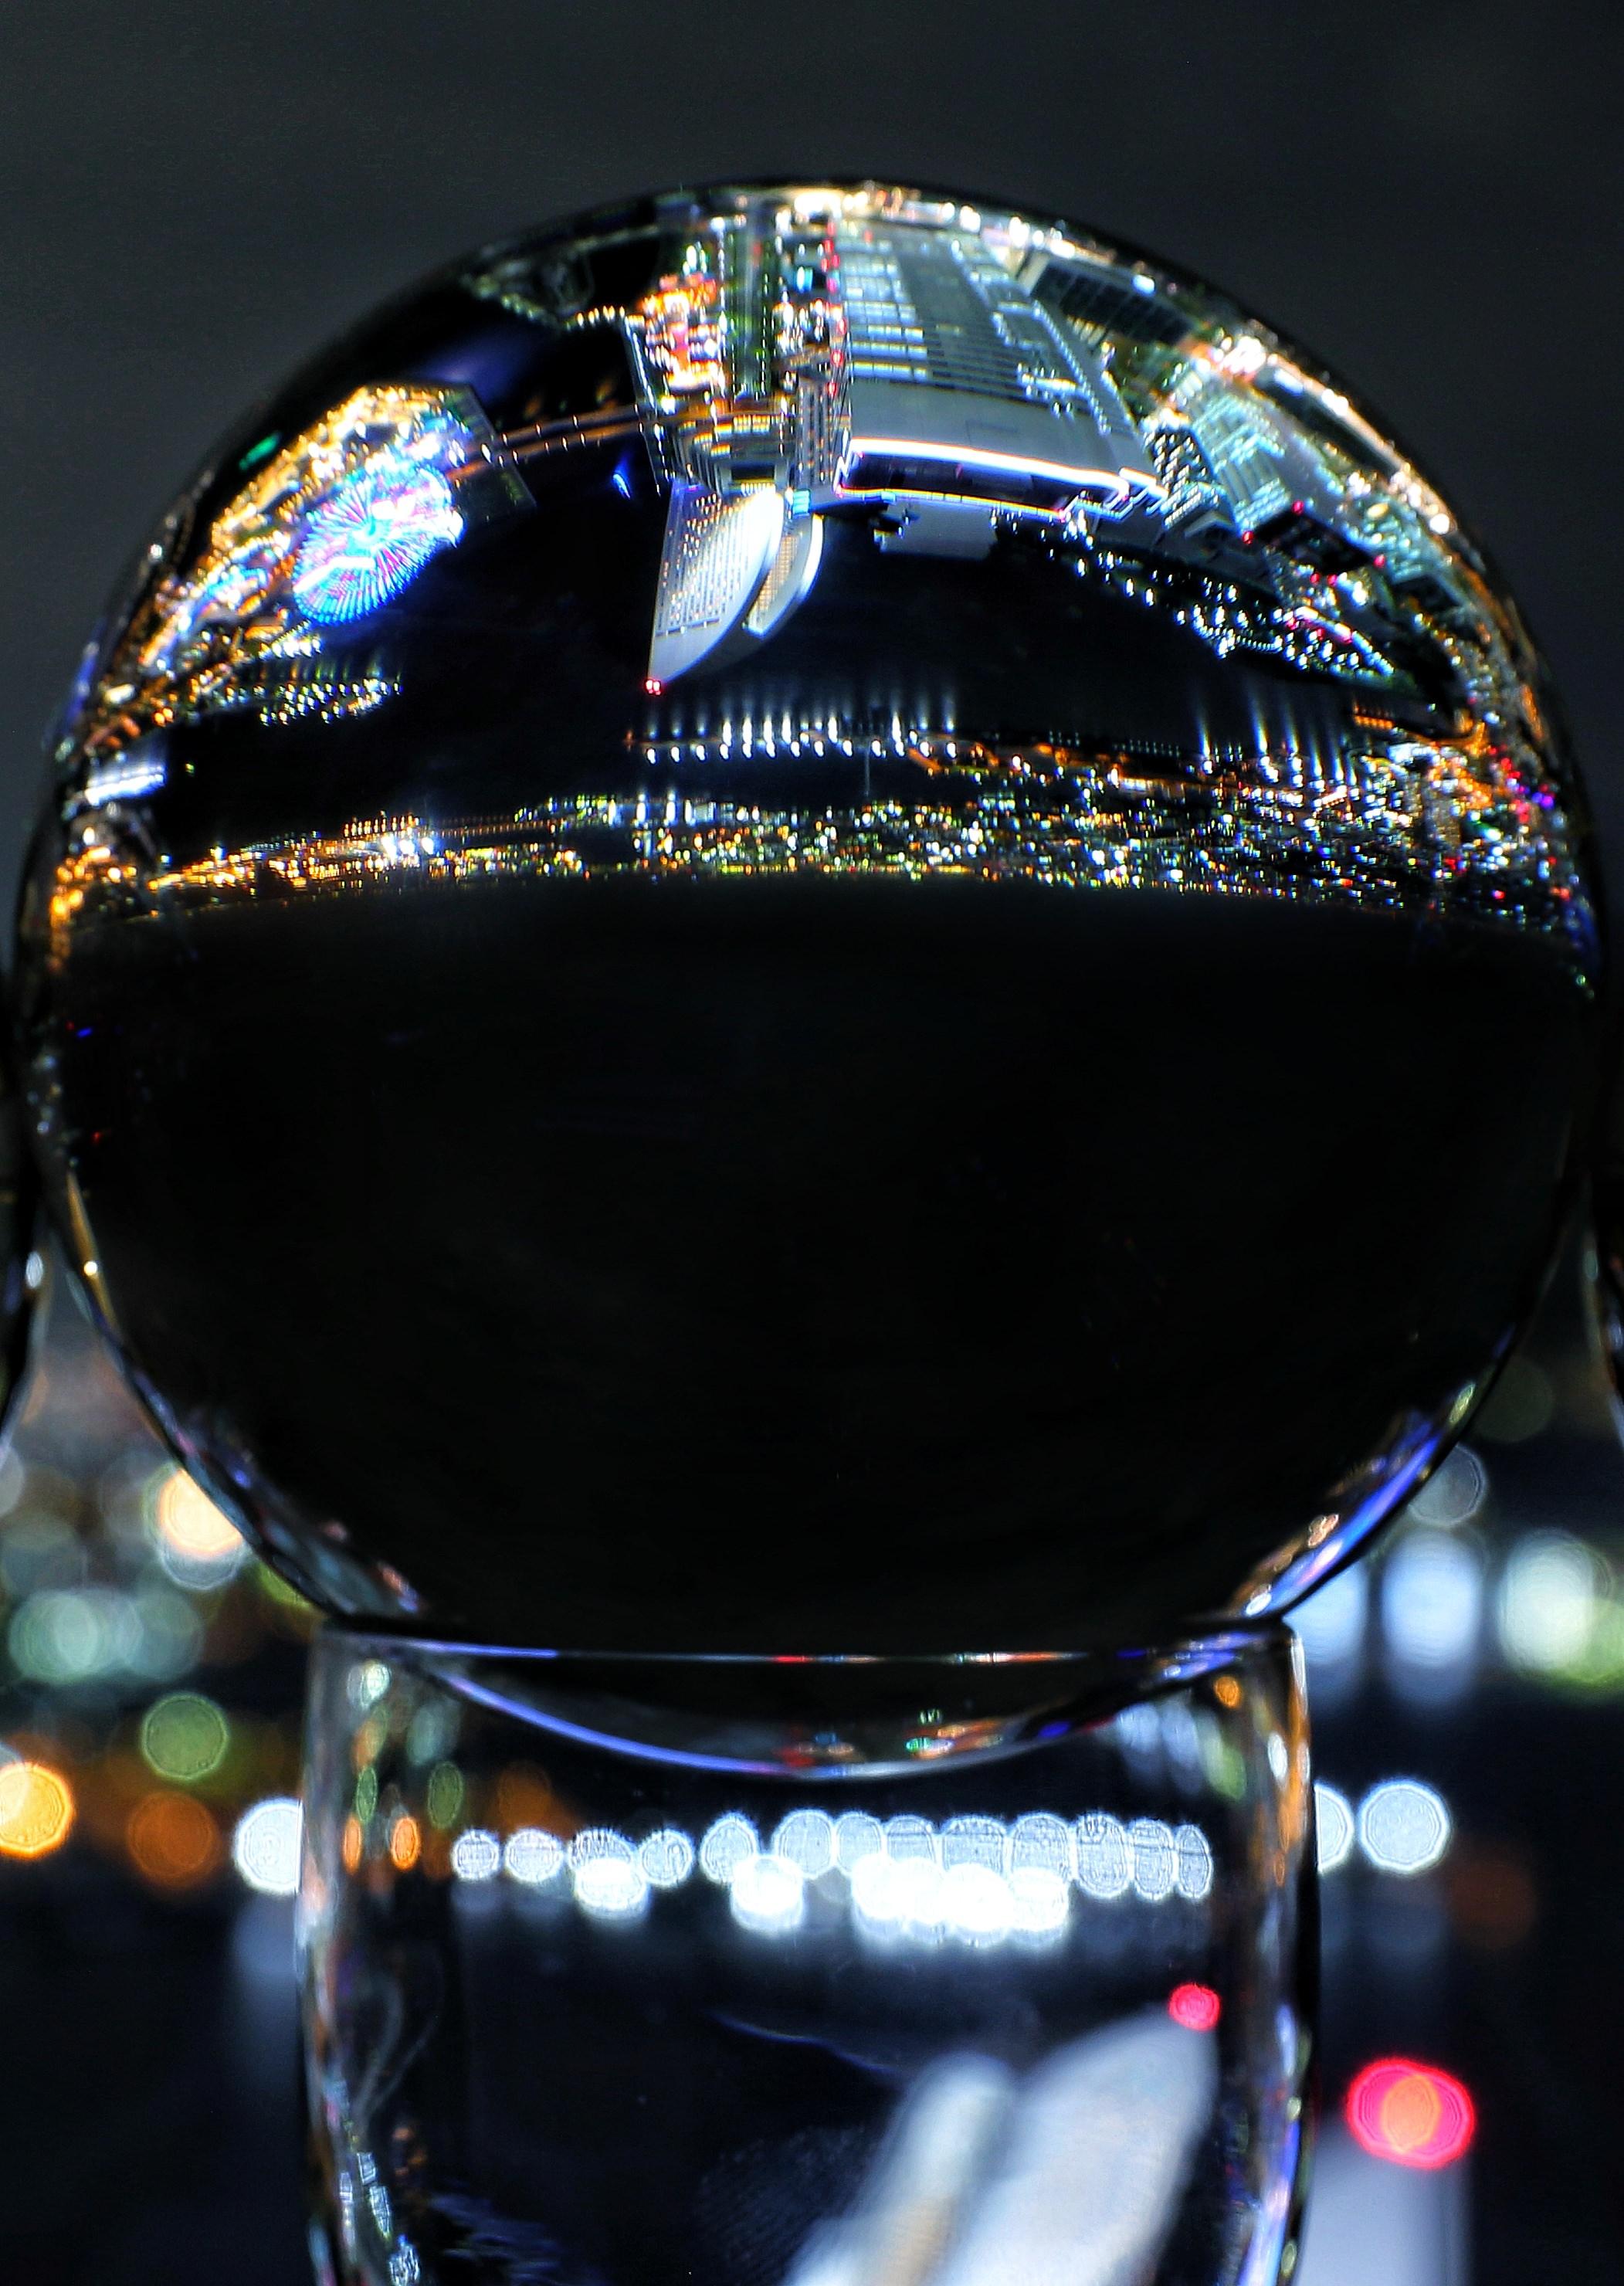 「水晶玉に映り込む都会の夜景」の写真